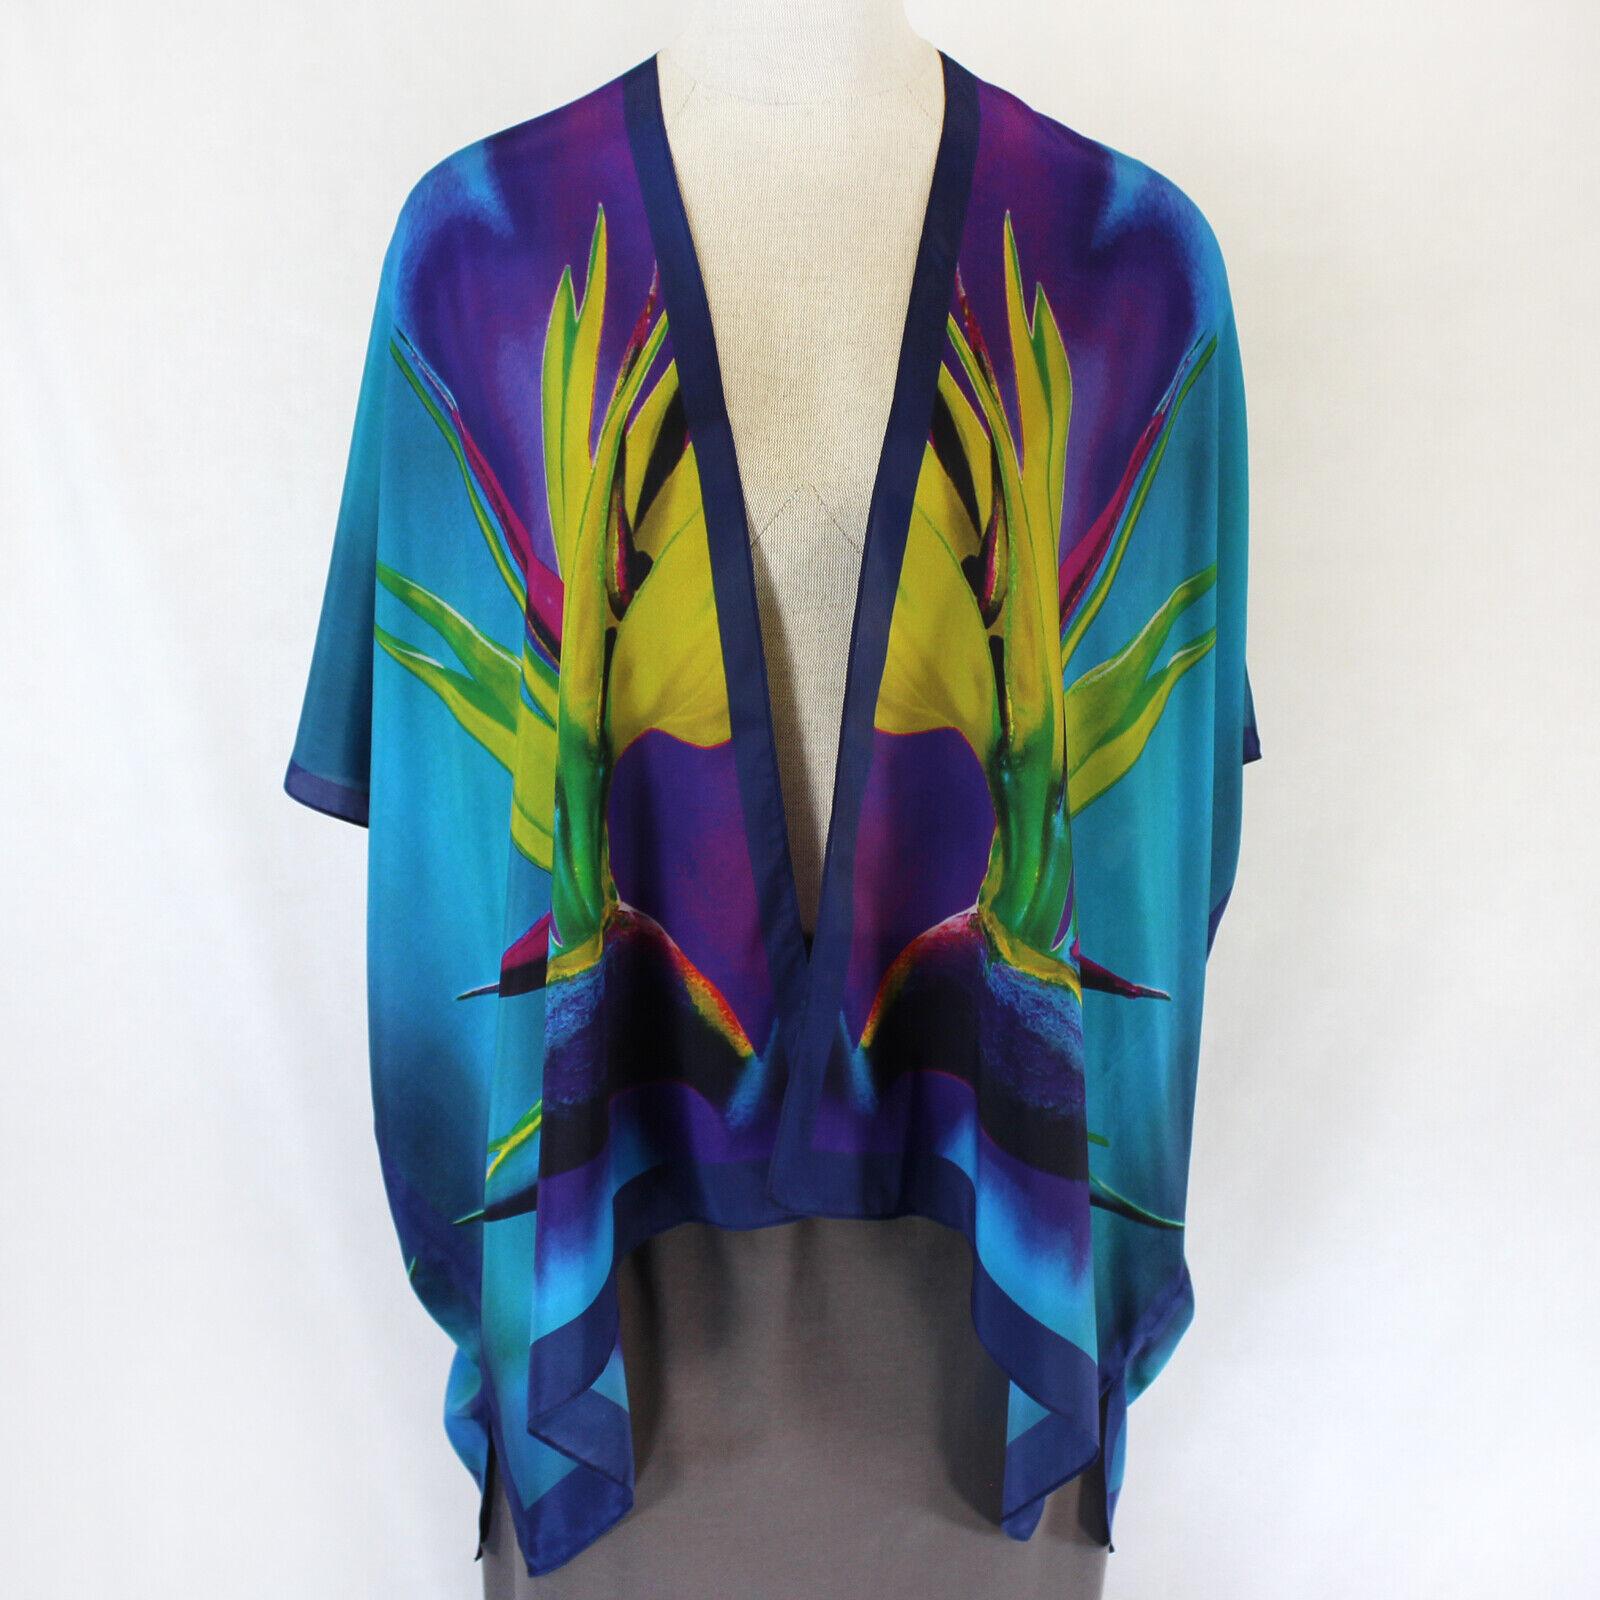 Nuevo Cocoon Casa  verde Azulado Ave del paraíso 100% Seda Kimono Chaqueta Grande Xl (1X, 2X)  los últimos modelos